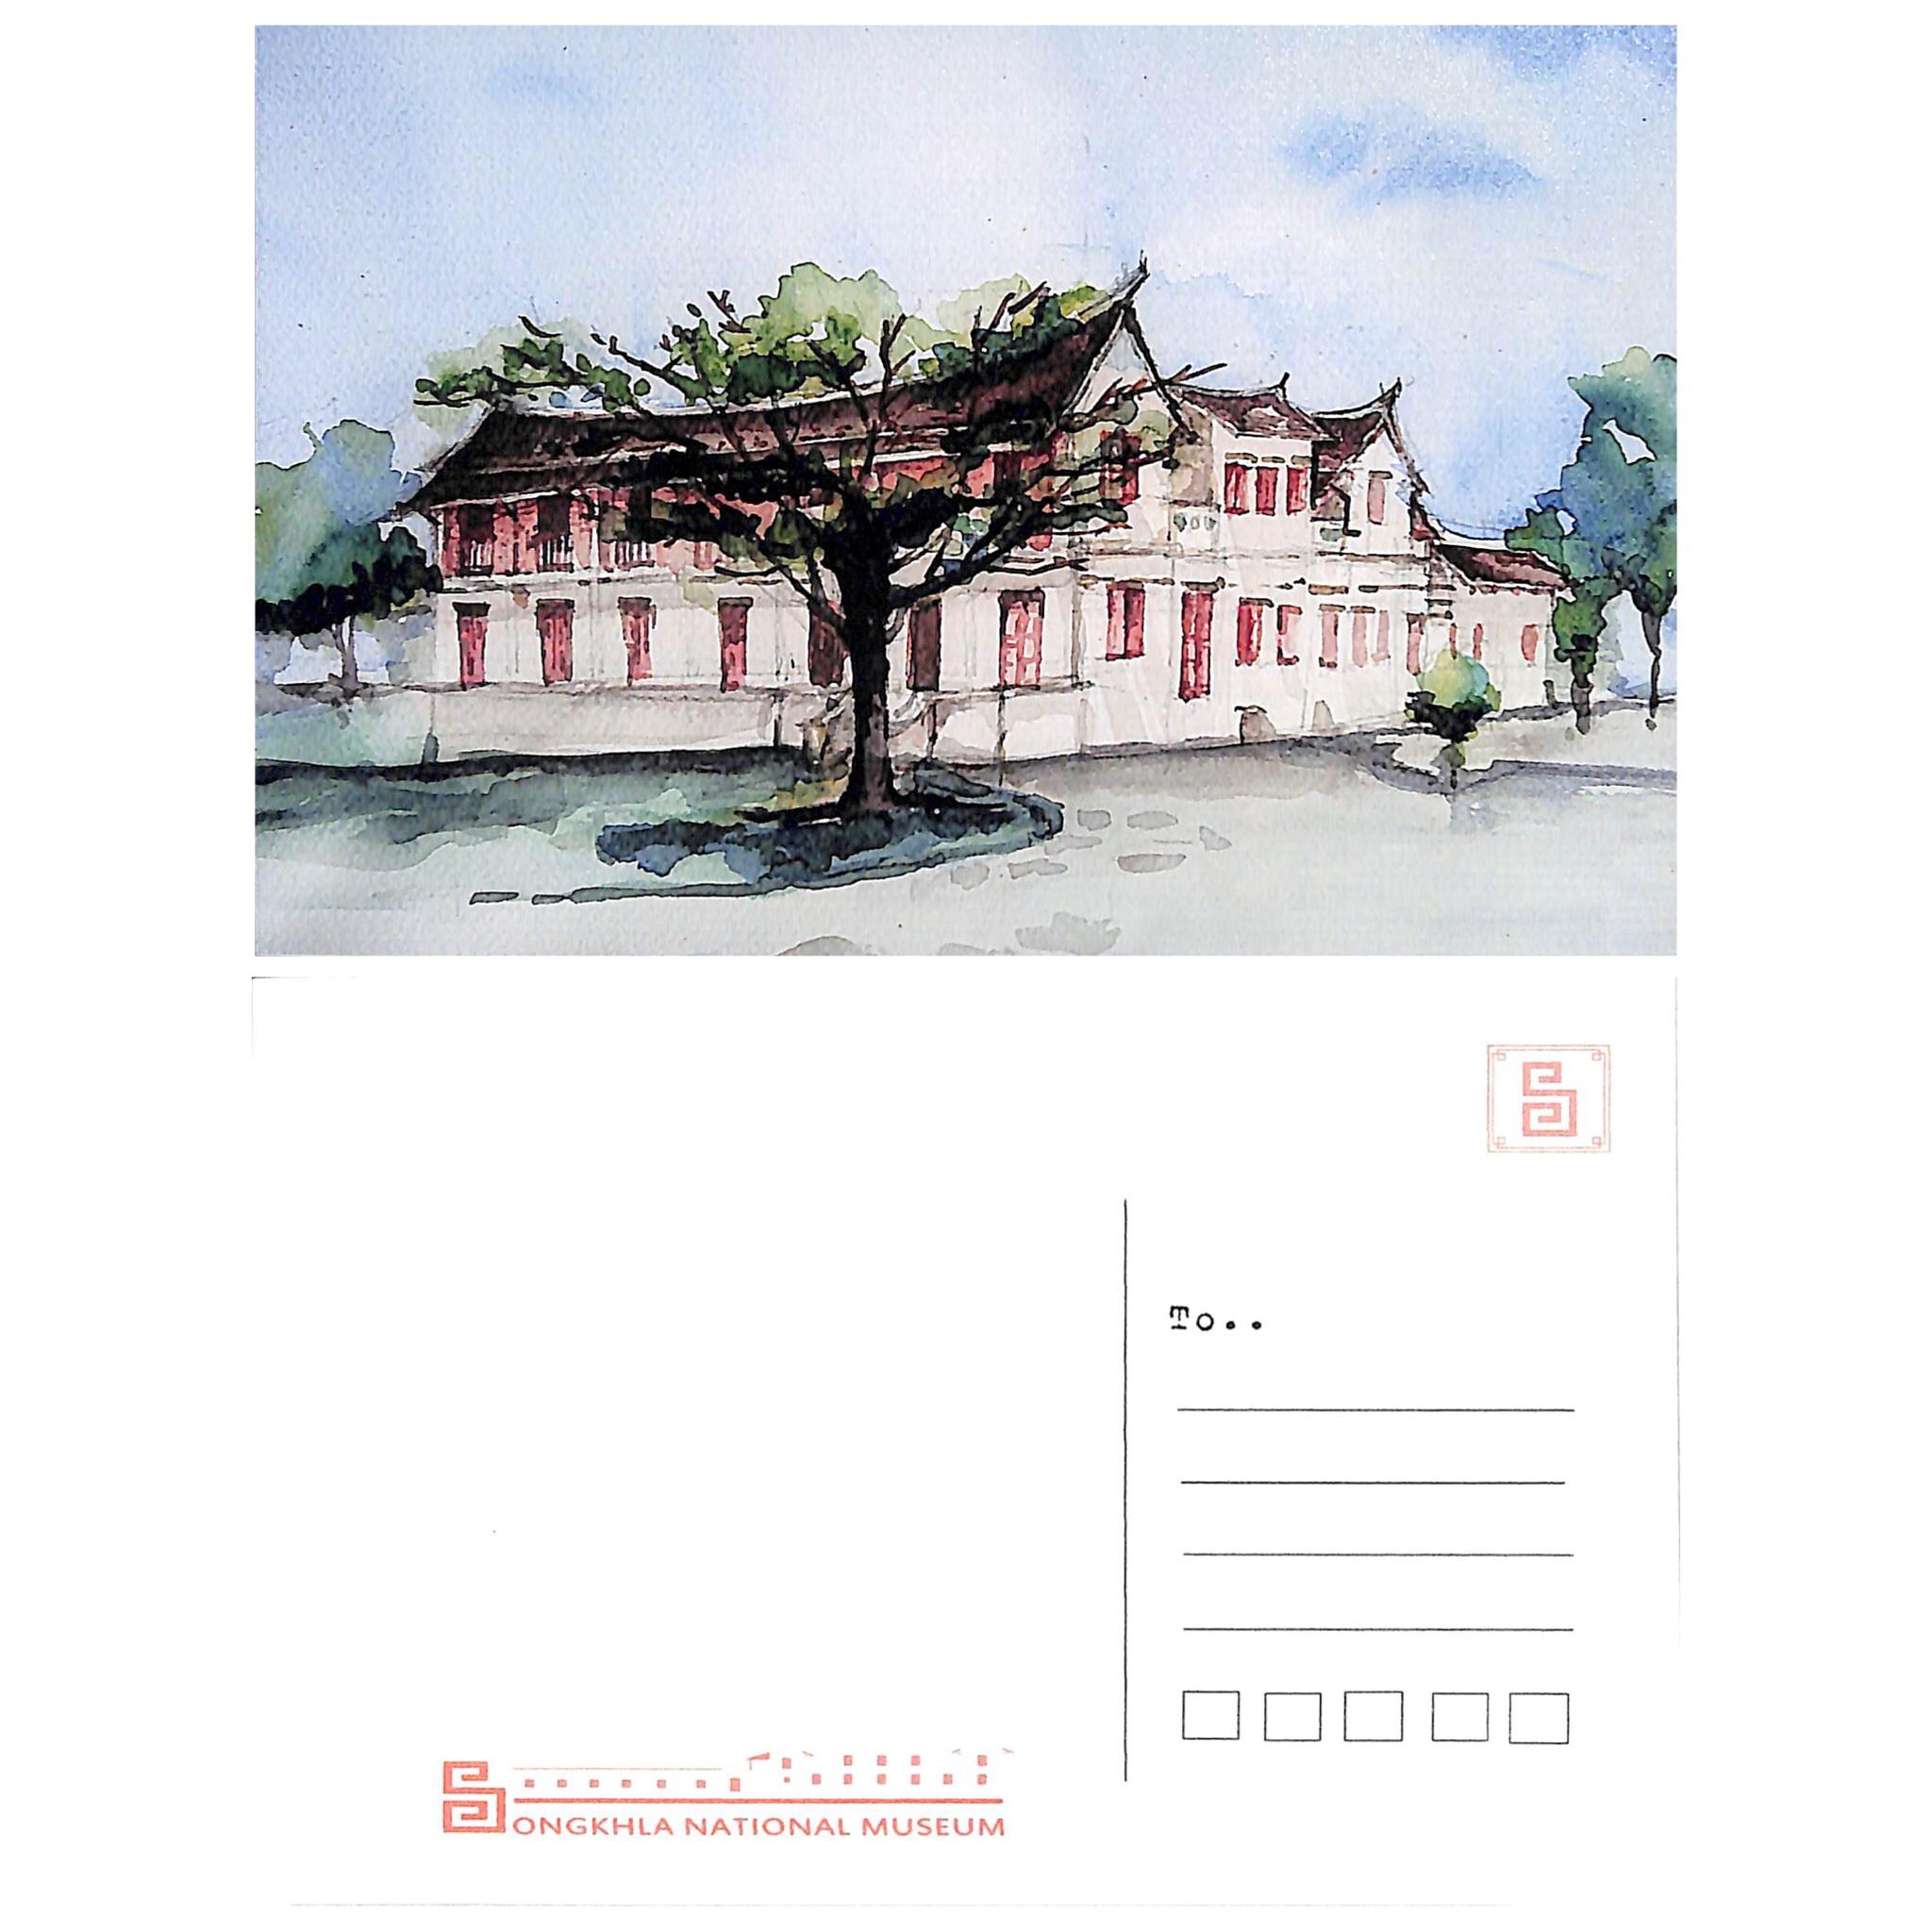 โปสการ์ด รูป อาคารพิพิธภัณฑสถานแห่งชาติ สงขลา ด้านข้าง (พิพิธภัณฑสถานแห่งชาติสงขลา)